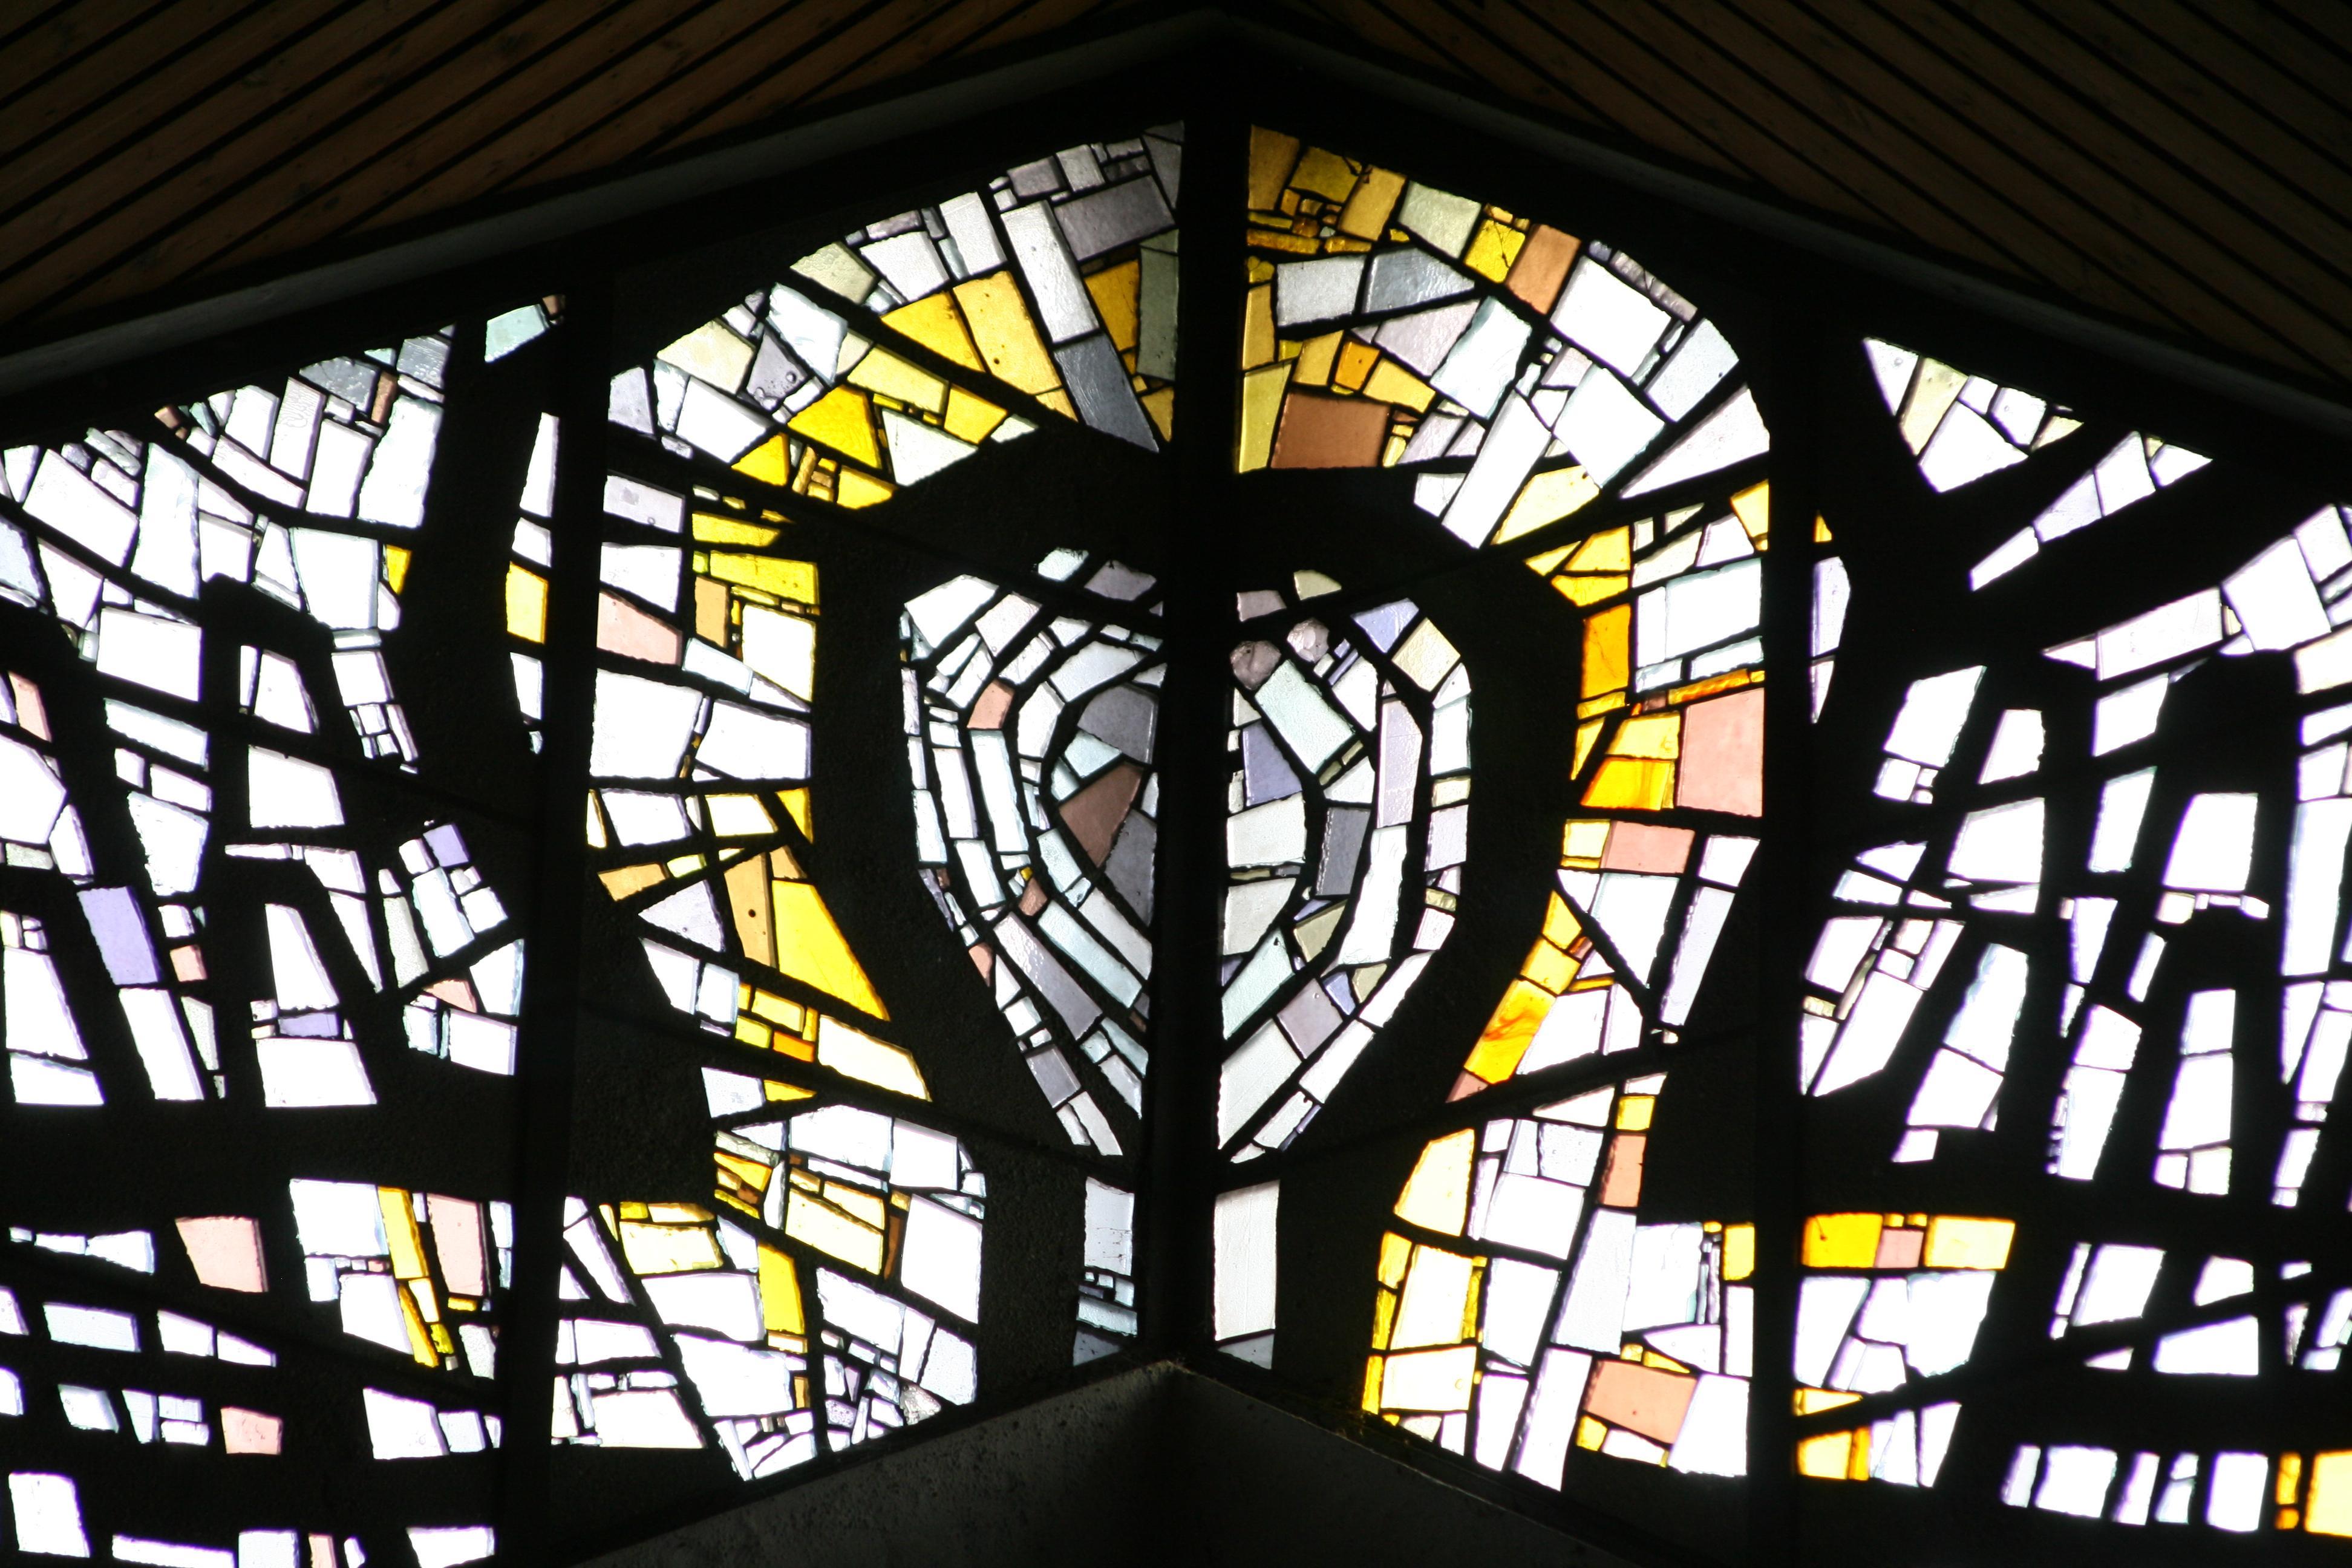 Zulf_kirche_glasfenster10neu